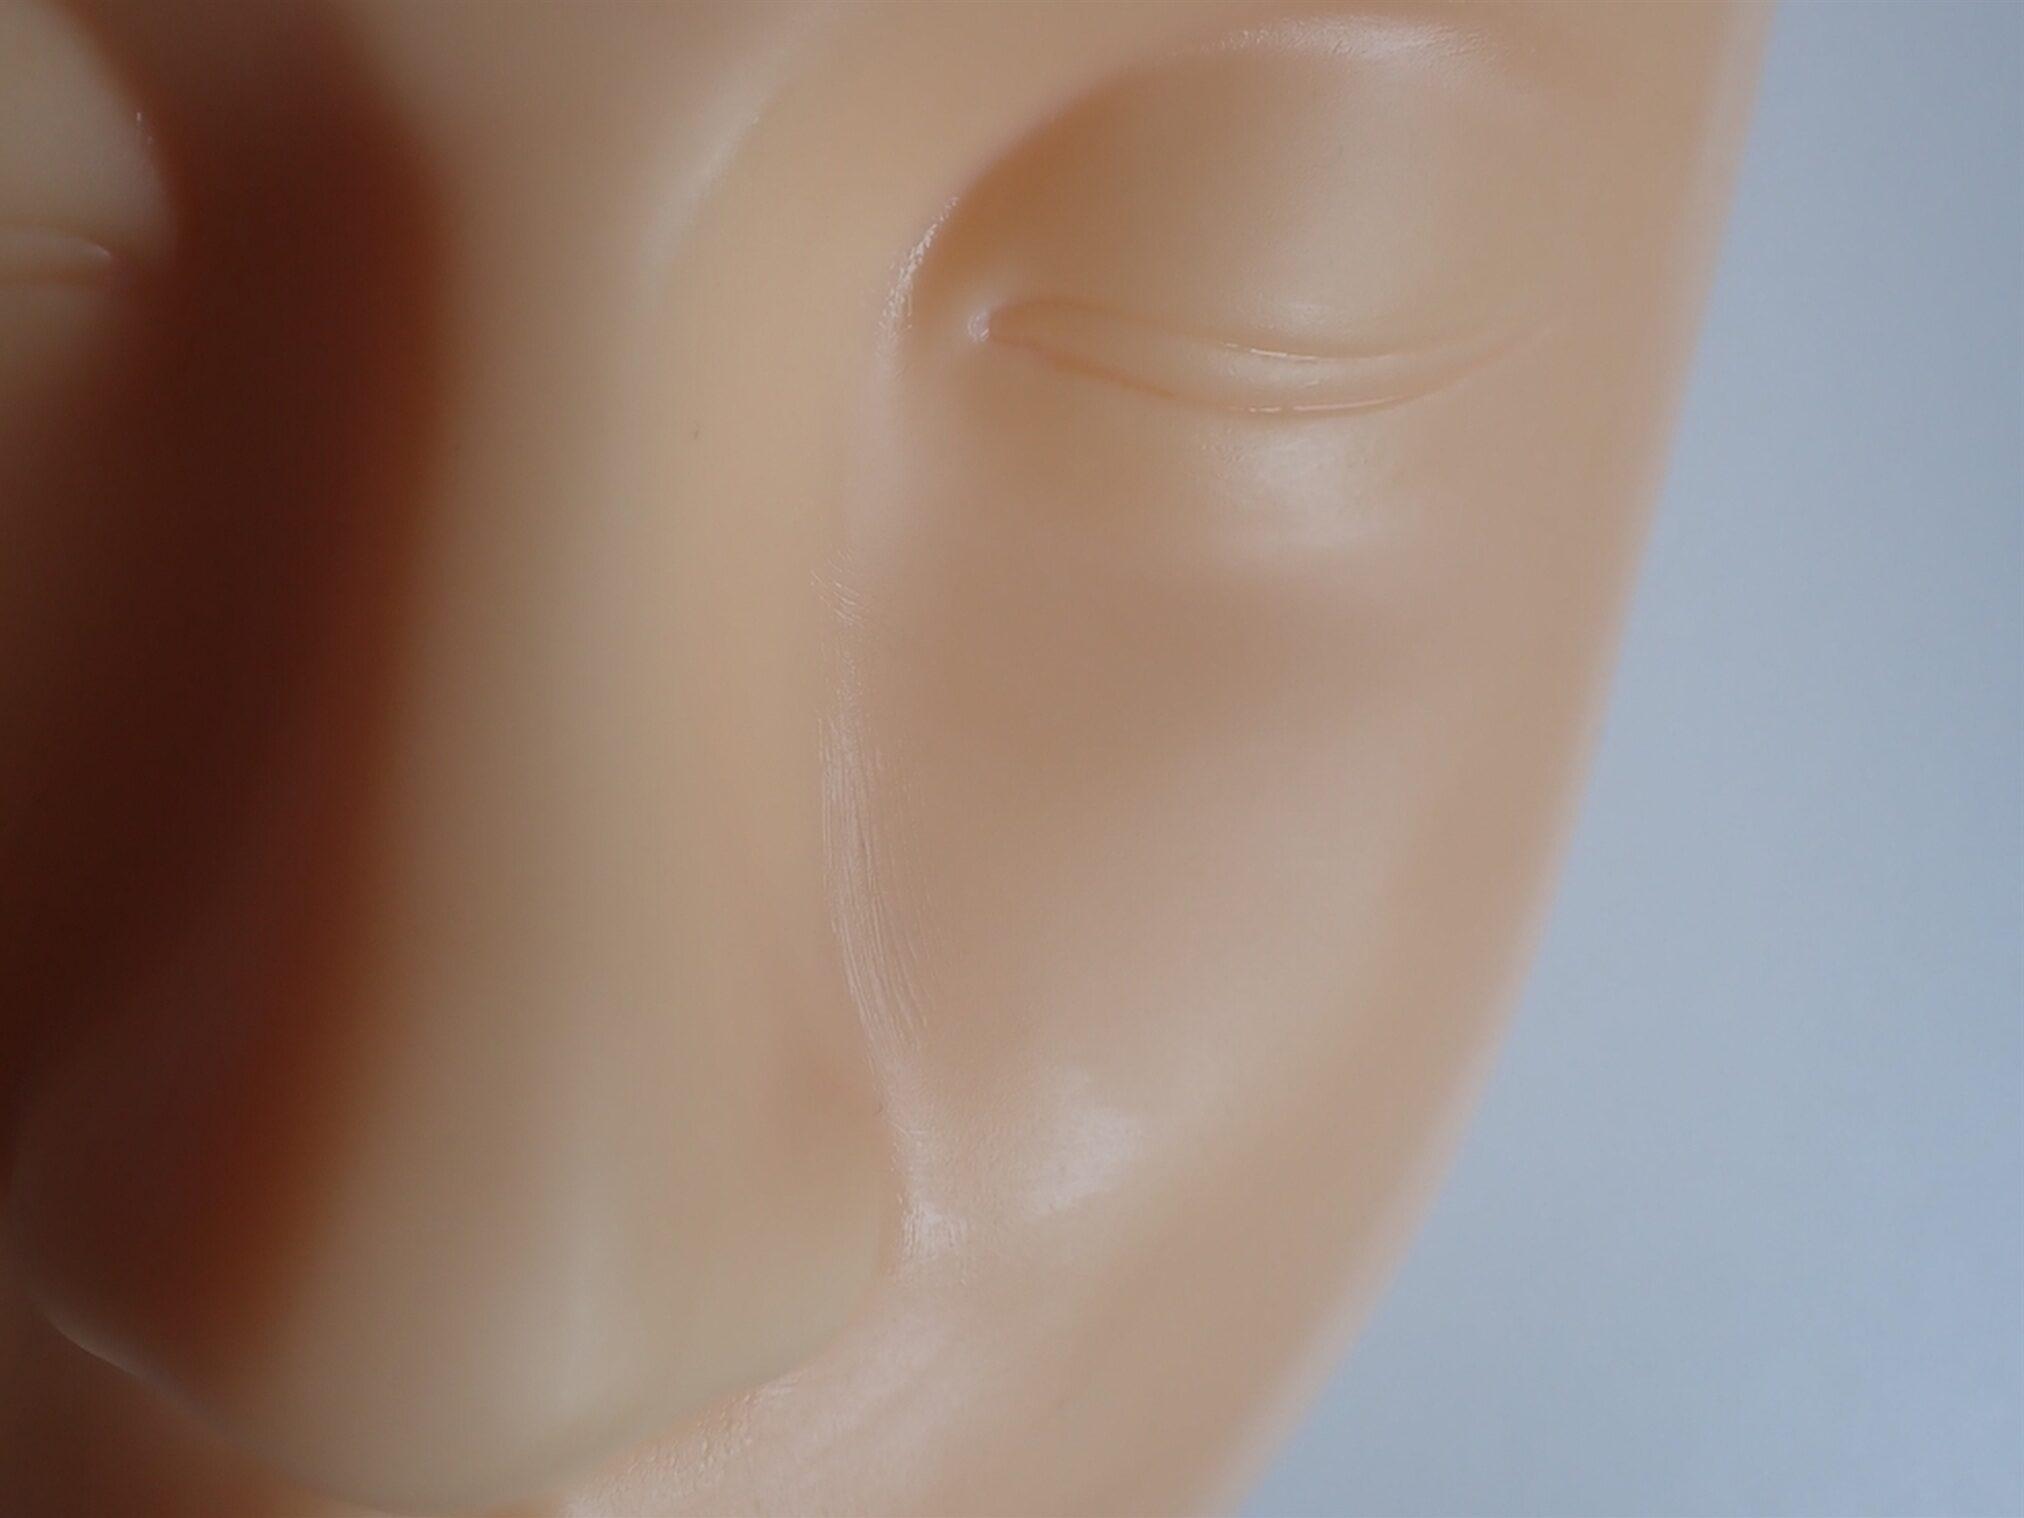 株式会社SISI Rozality ロザリティ ウォータリーマスク しっかり潤って、ふわっさらっと軽いつけ心地です